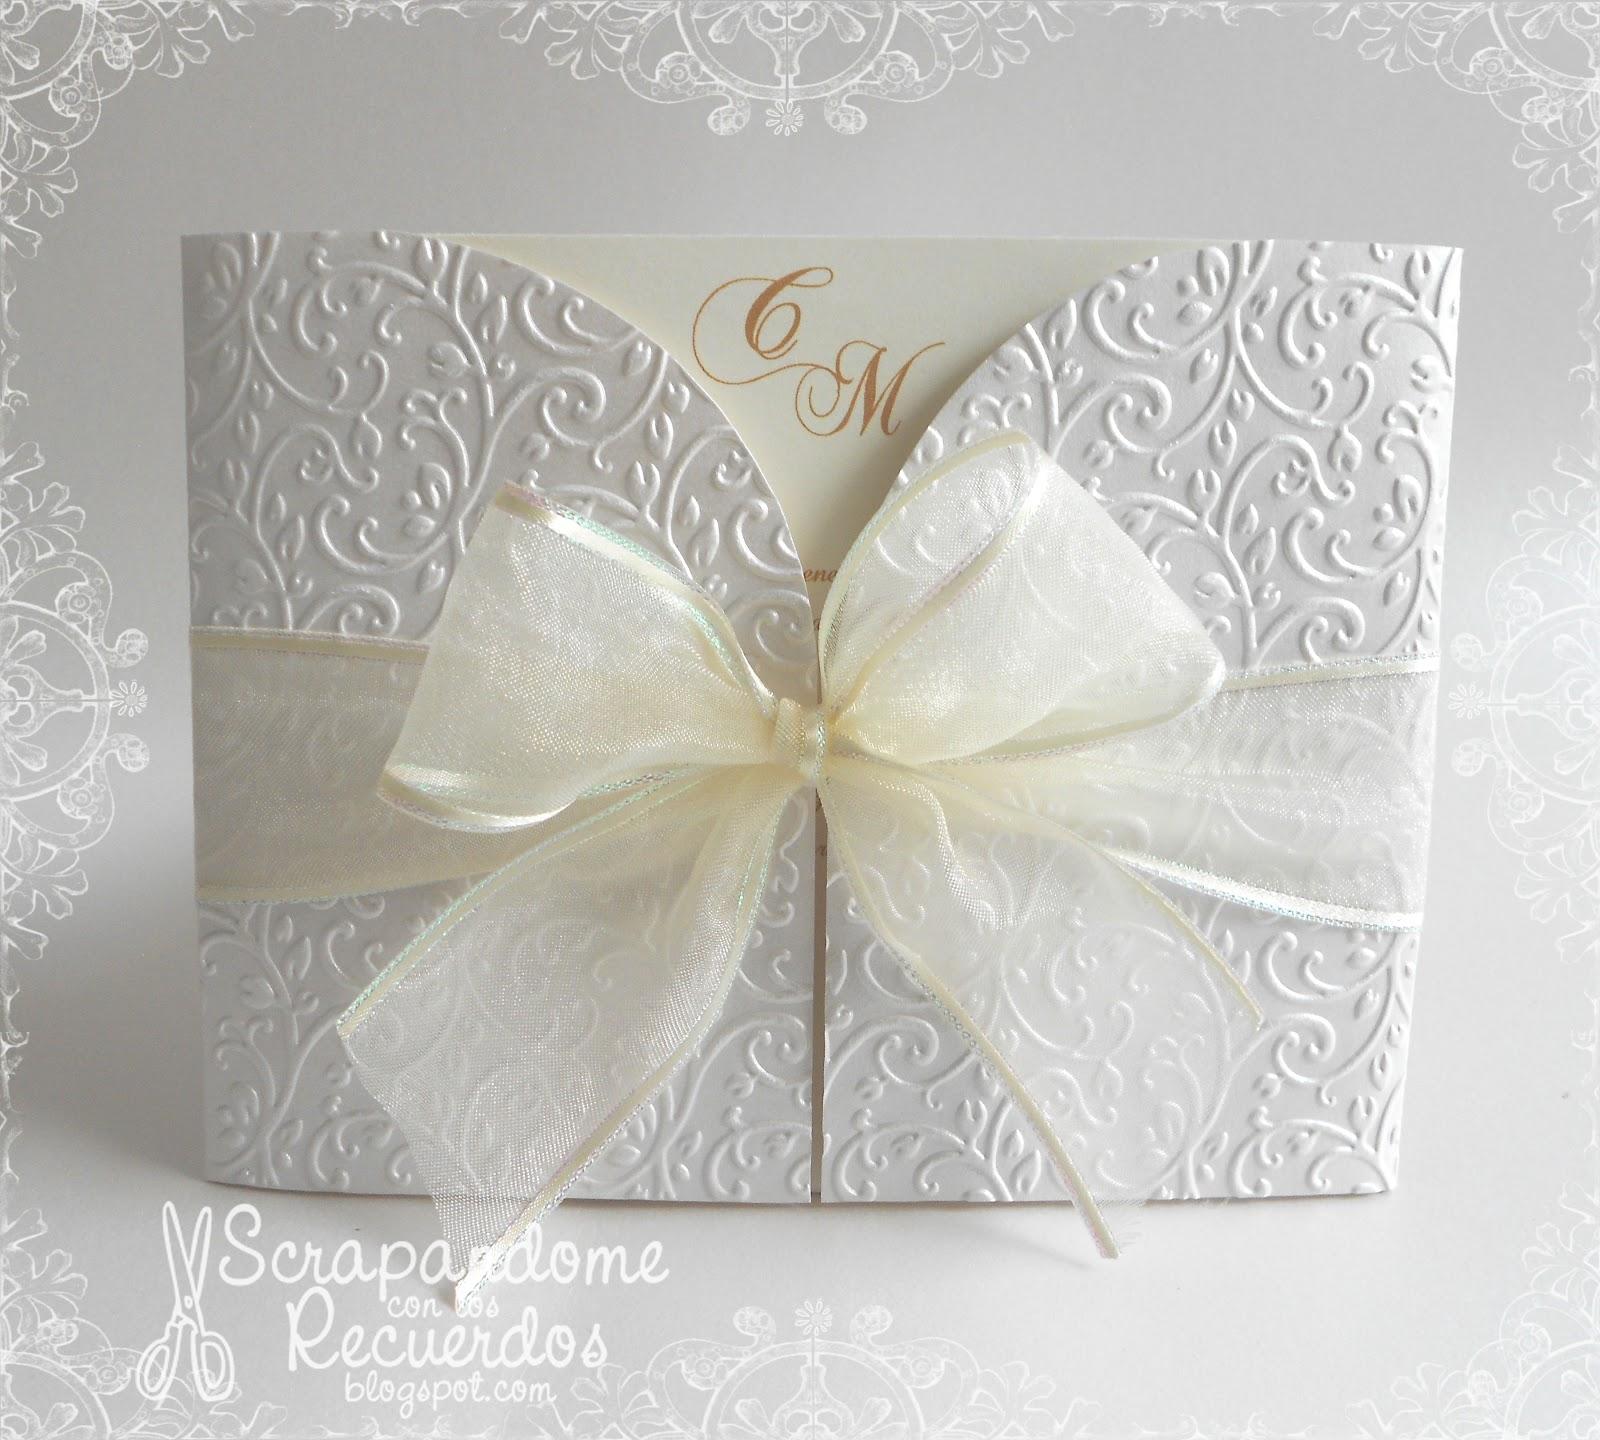 Scrapandome con los recuerdos una boda blanca - Modelos de tarjetas de boda ...